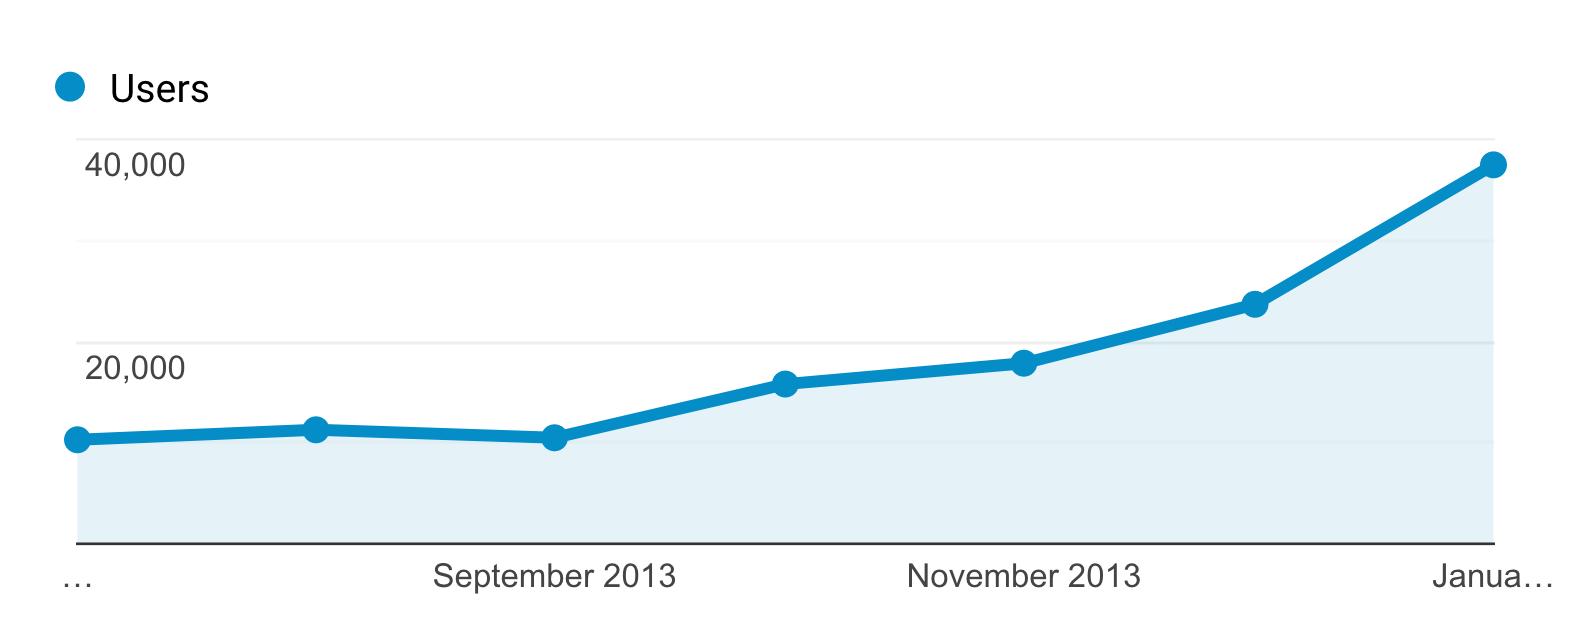 Backlinko – Initial Blog Growth